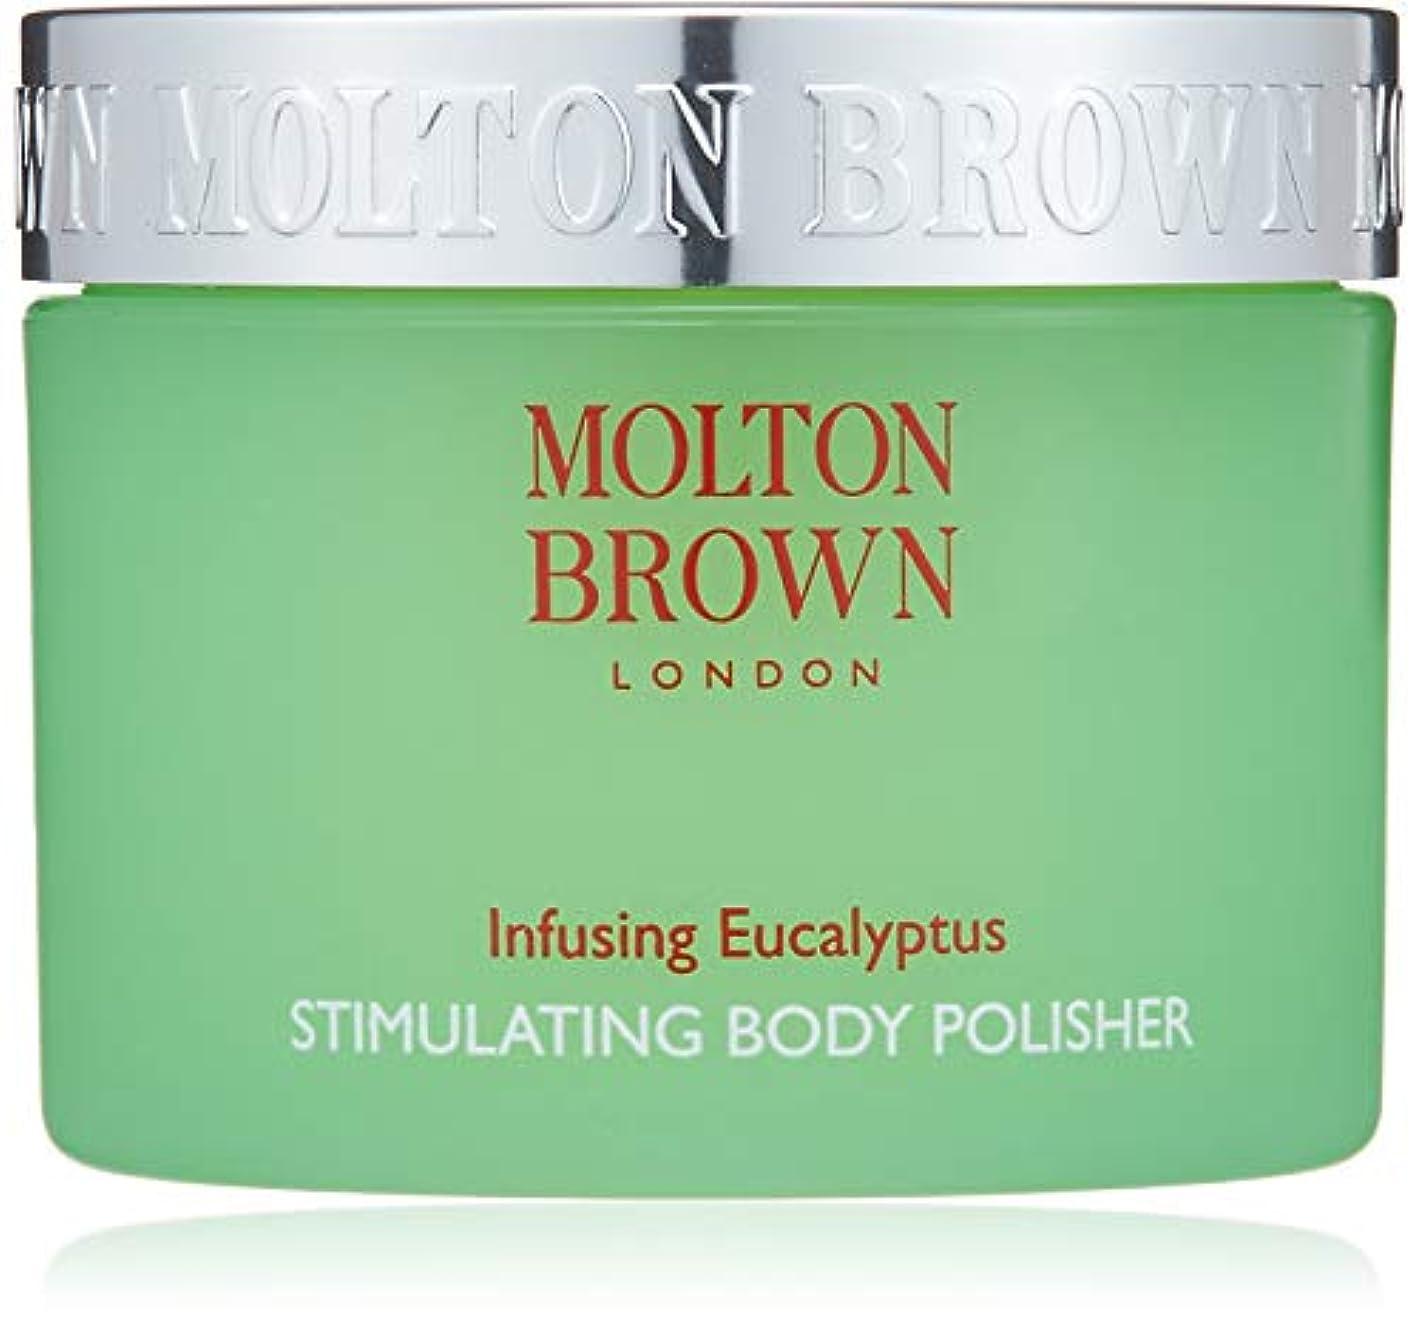 愛情深い研磨金属MOLTON BROWN(モルトンブラウン) インフュージング ユーカリプタス スティミュレイティング ボディポリッシャー